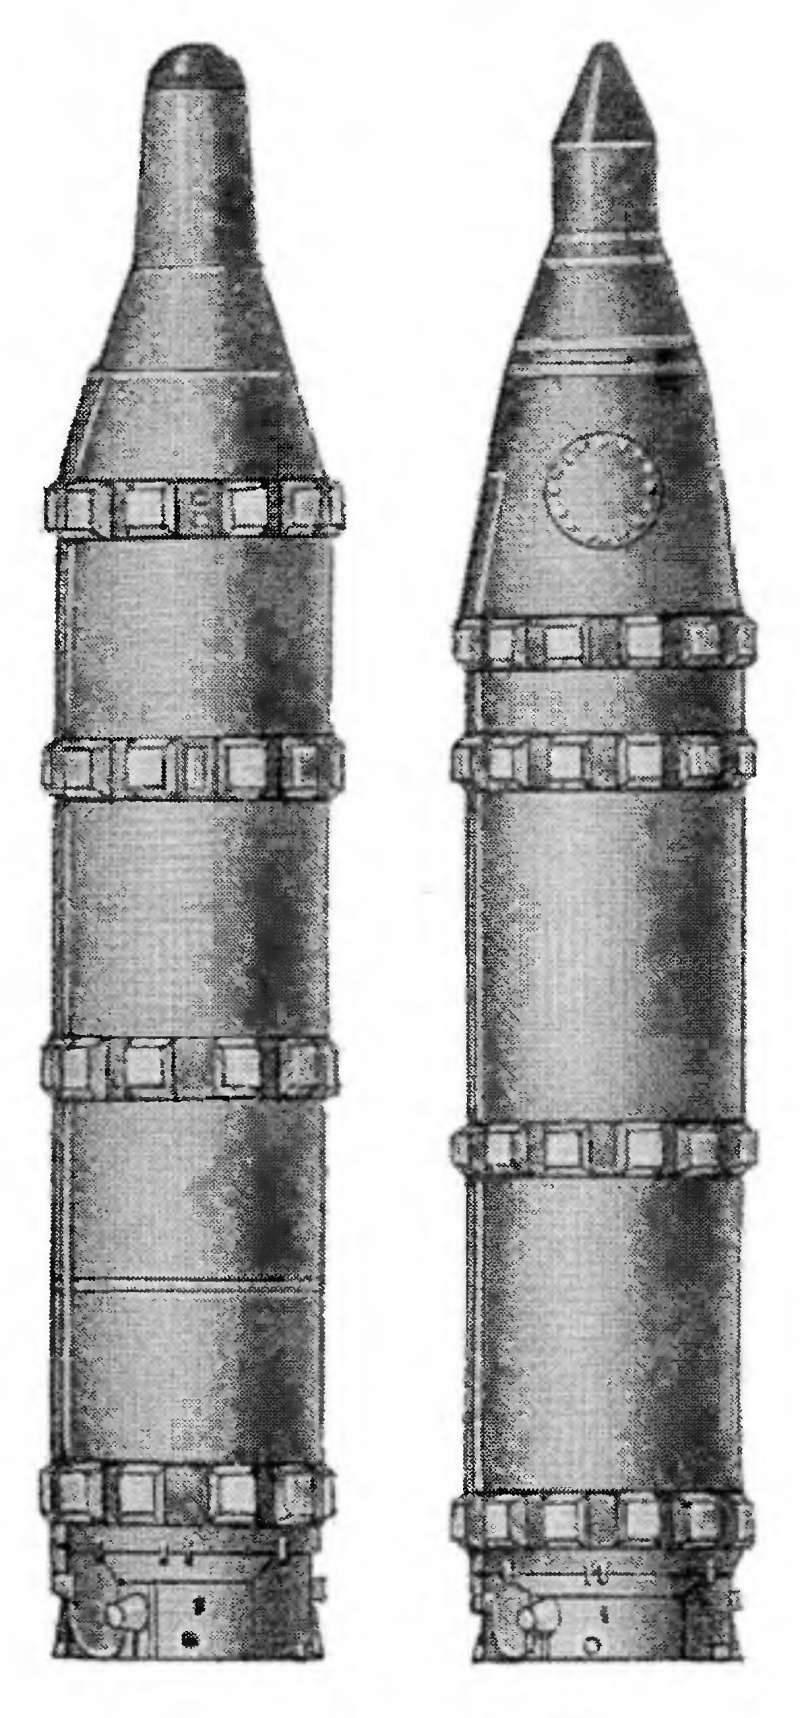 सोवियत जहाज-रोधी बैलिस्टिक मिसाइल परियोजनाएँ